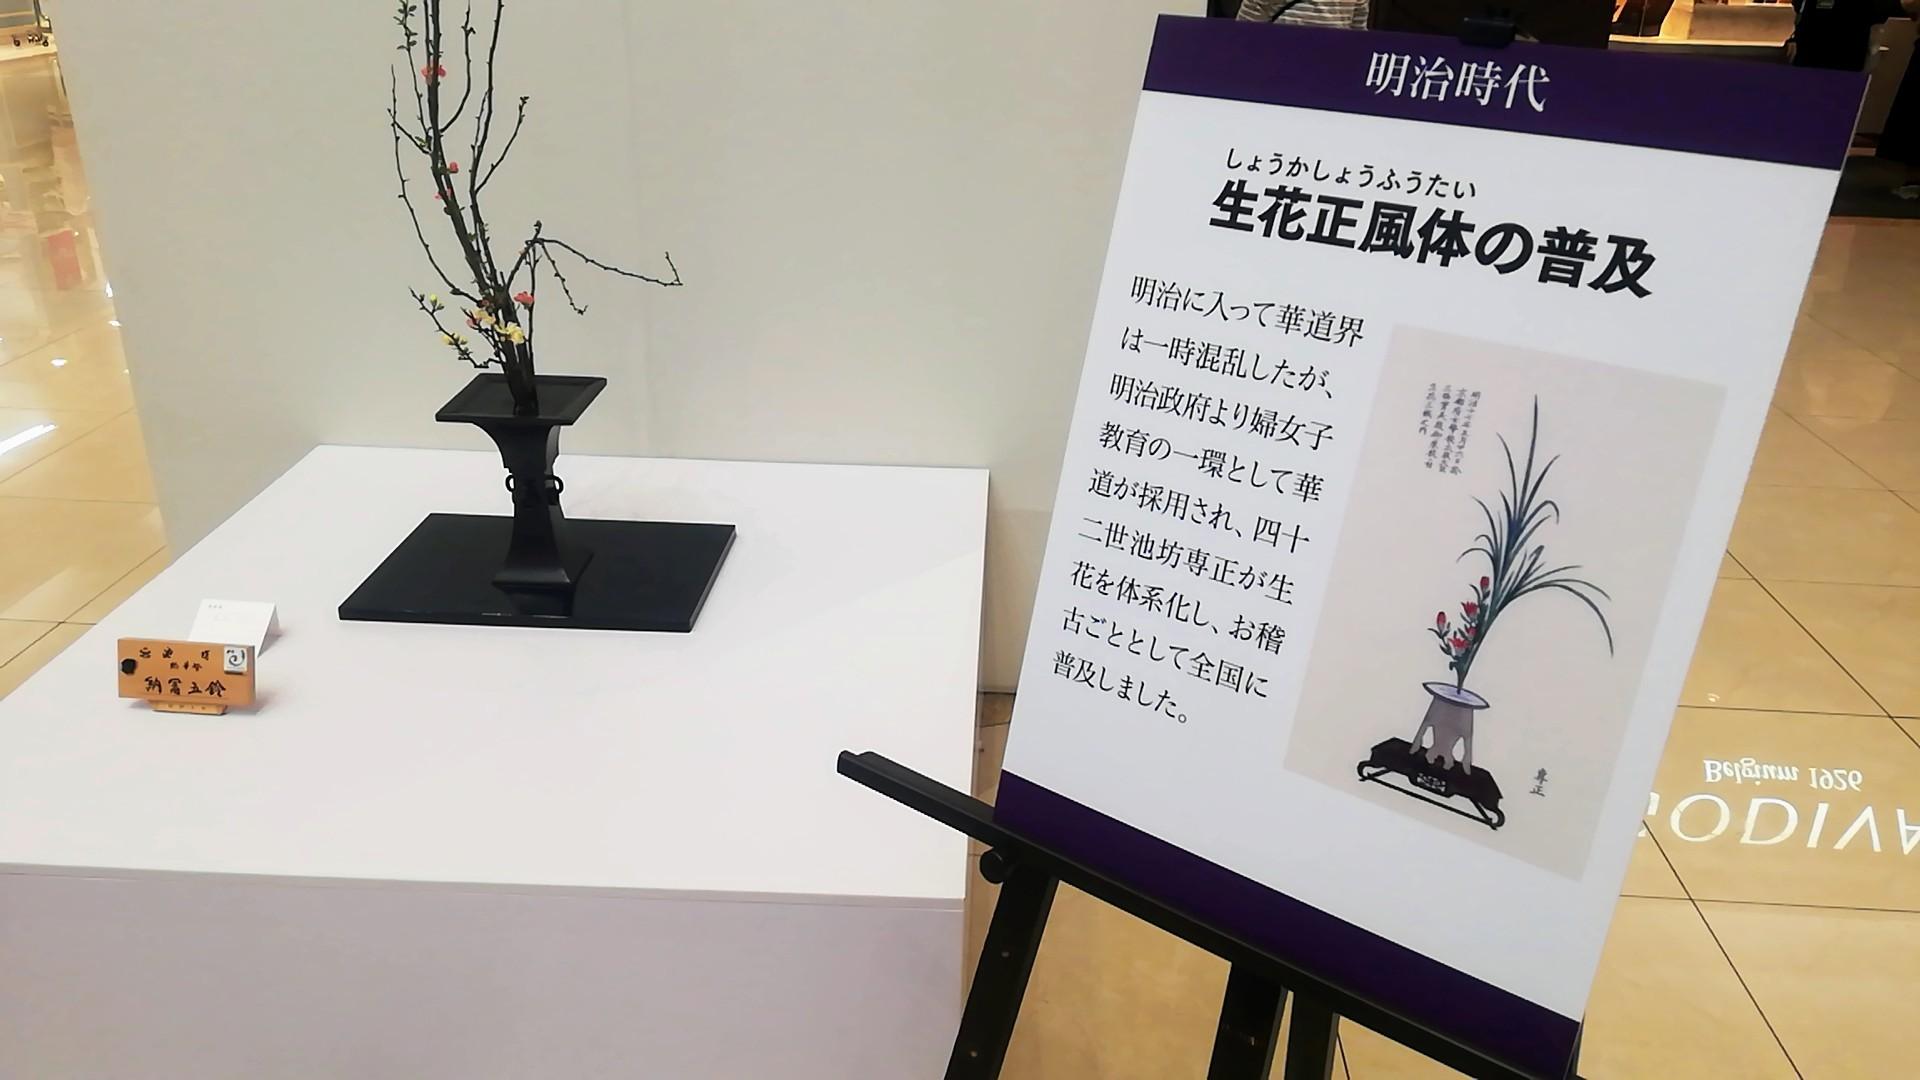 ゆめタウン佐賀開催の池坊展へ_d0195183_20120659.jpg